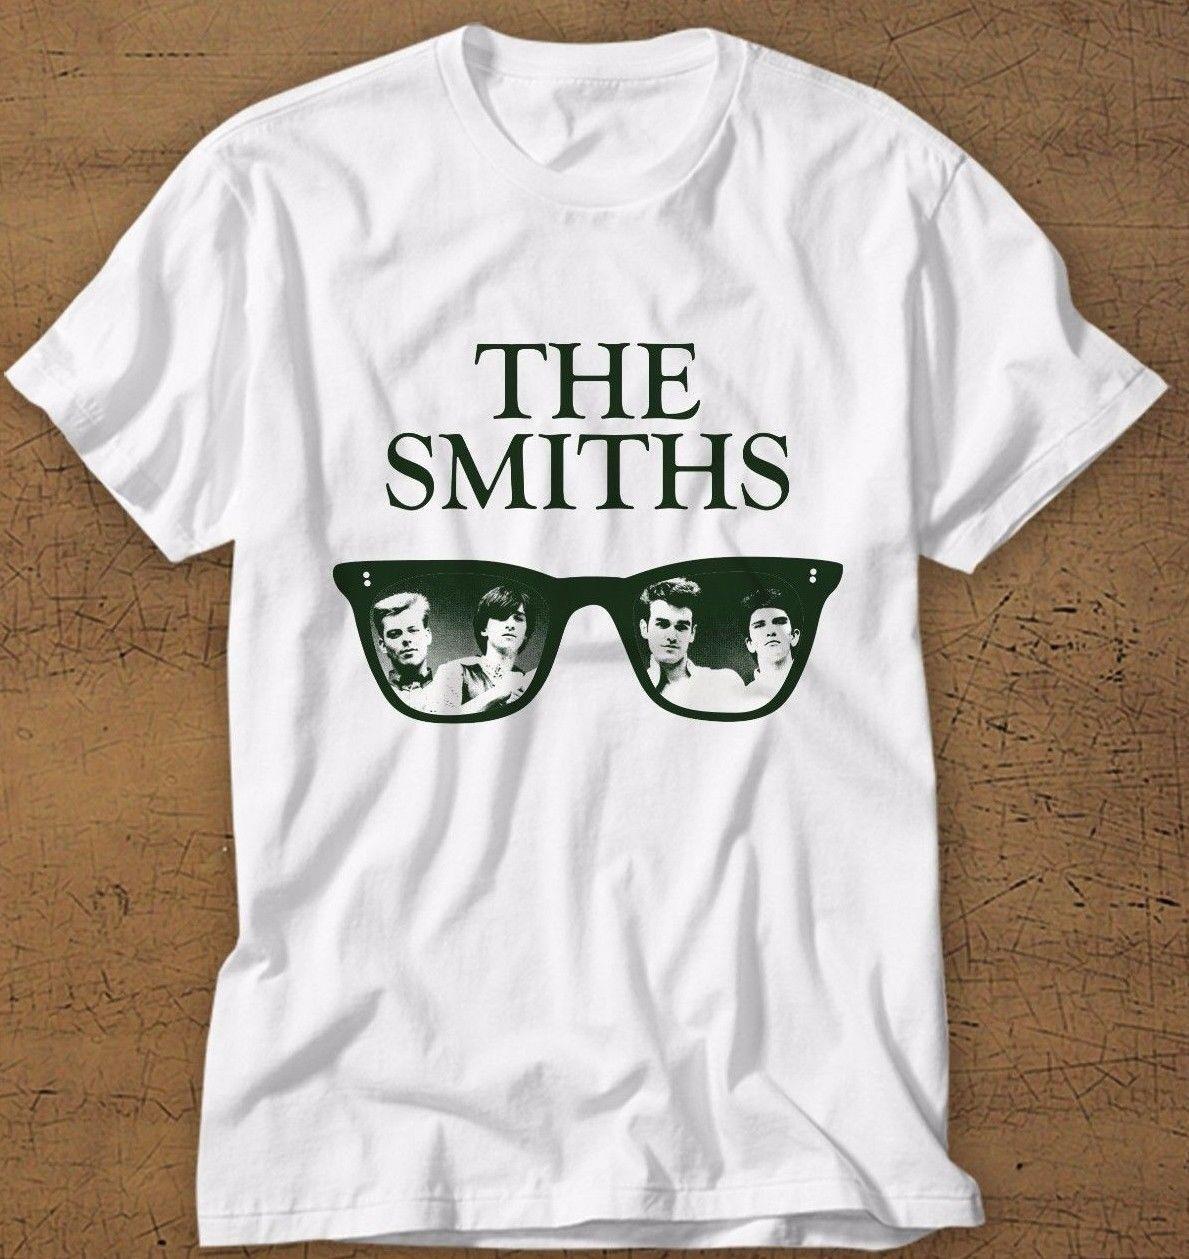 the smiths morrissey rock alternative t shirt vintage. Black Bedroom Furniture Sets. Home Design Ideas